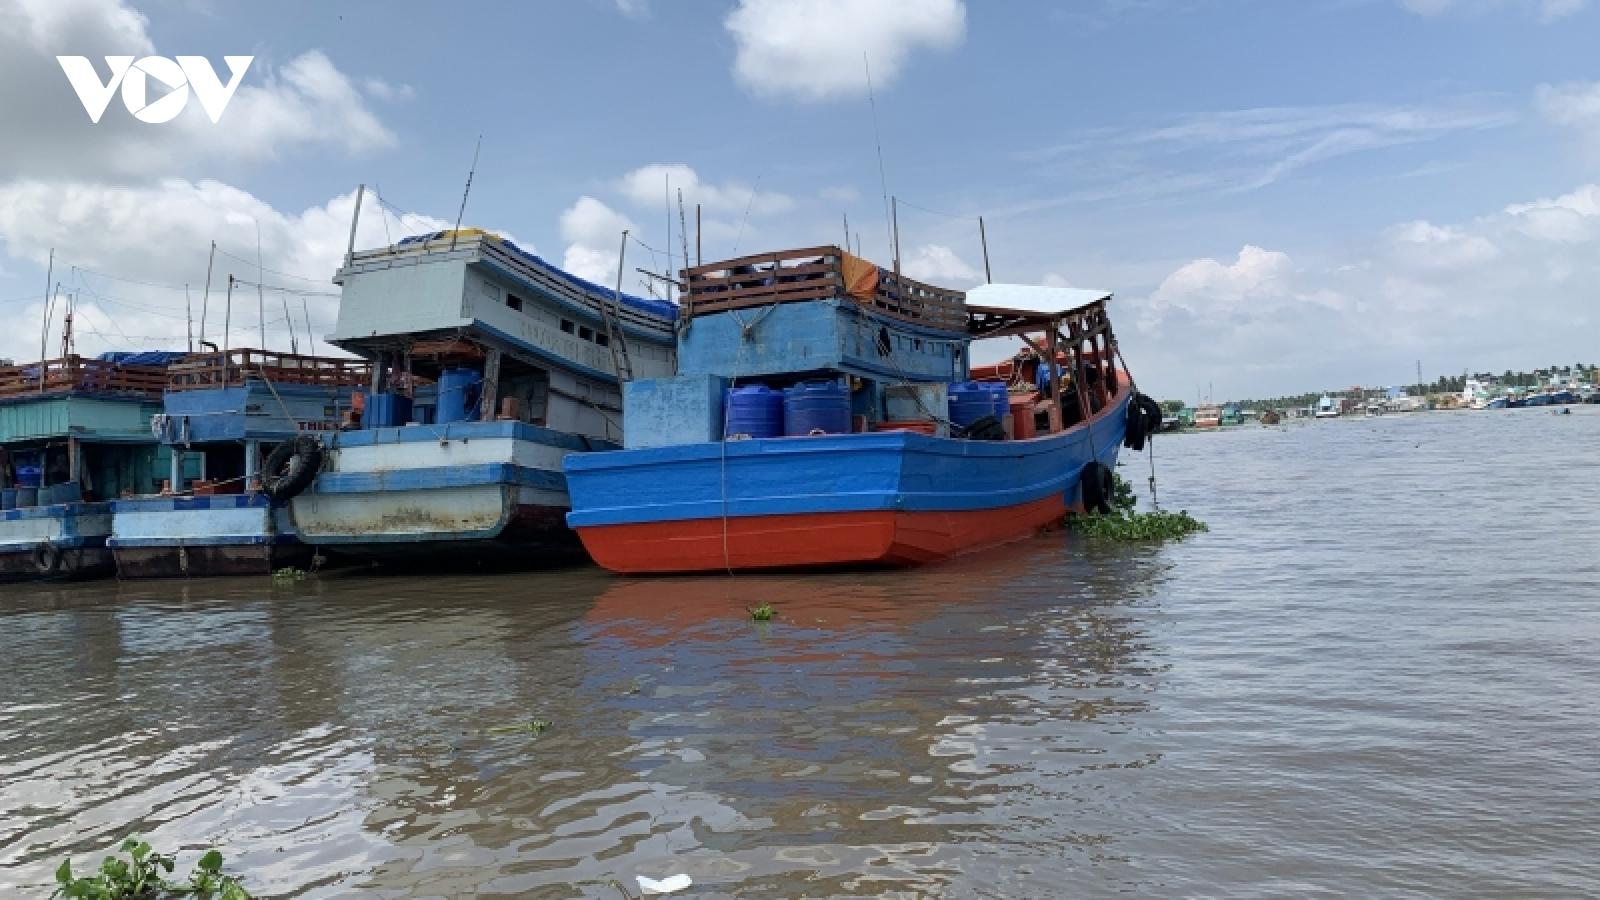 Kiên Giang sẽ xử lý dứt điểm tình trạng tàu cá đánh bắt thuỷ sản trái phép